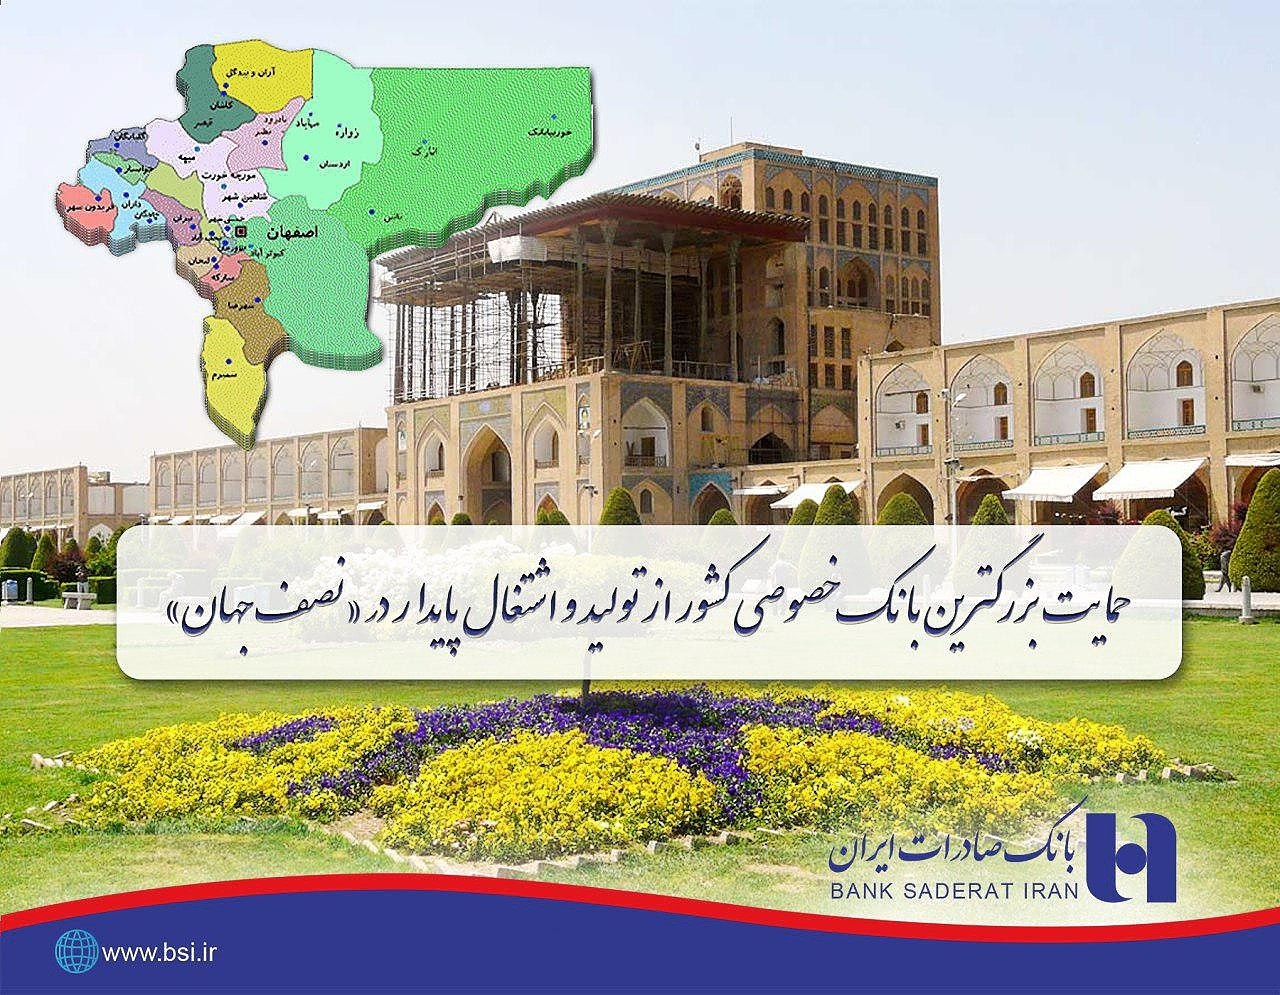 حمایت مالی بانک صادرات از تولید و اشتغال اصفهان